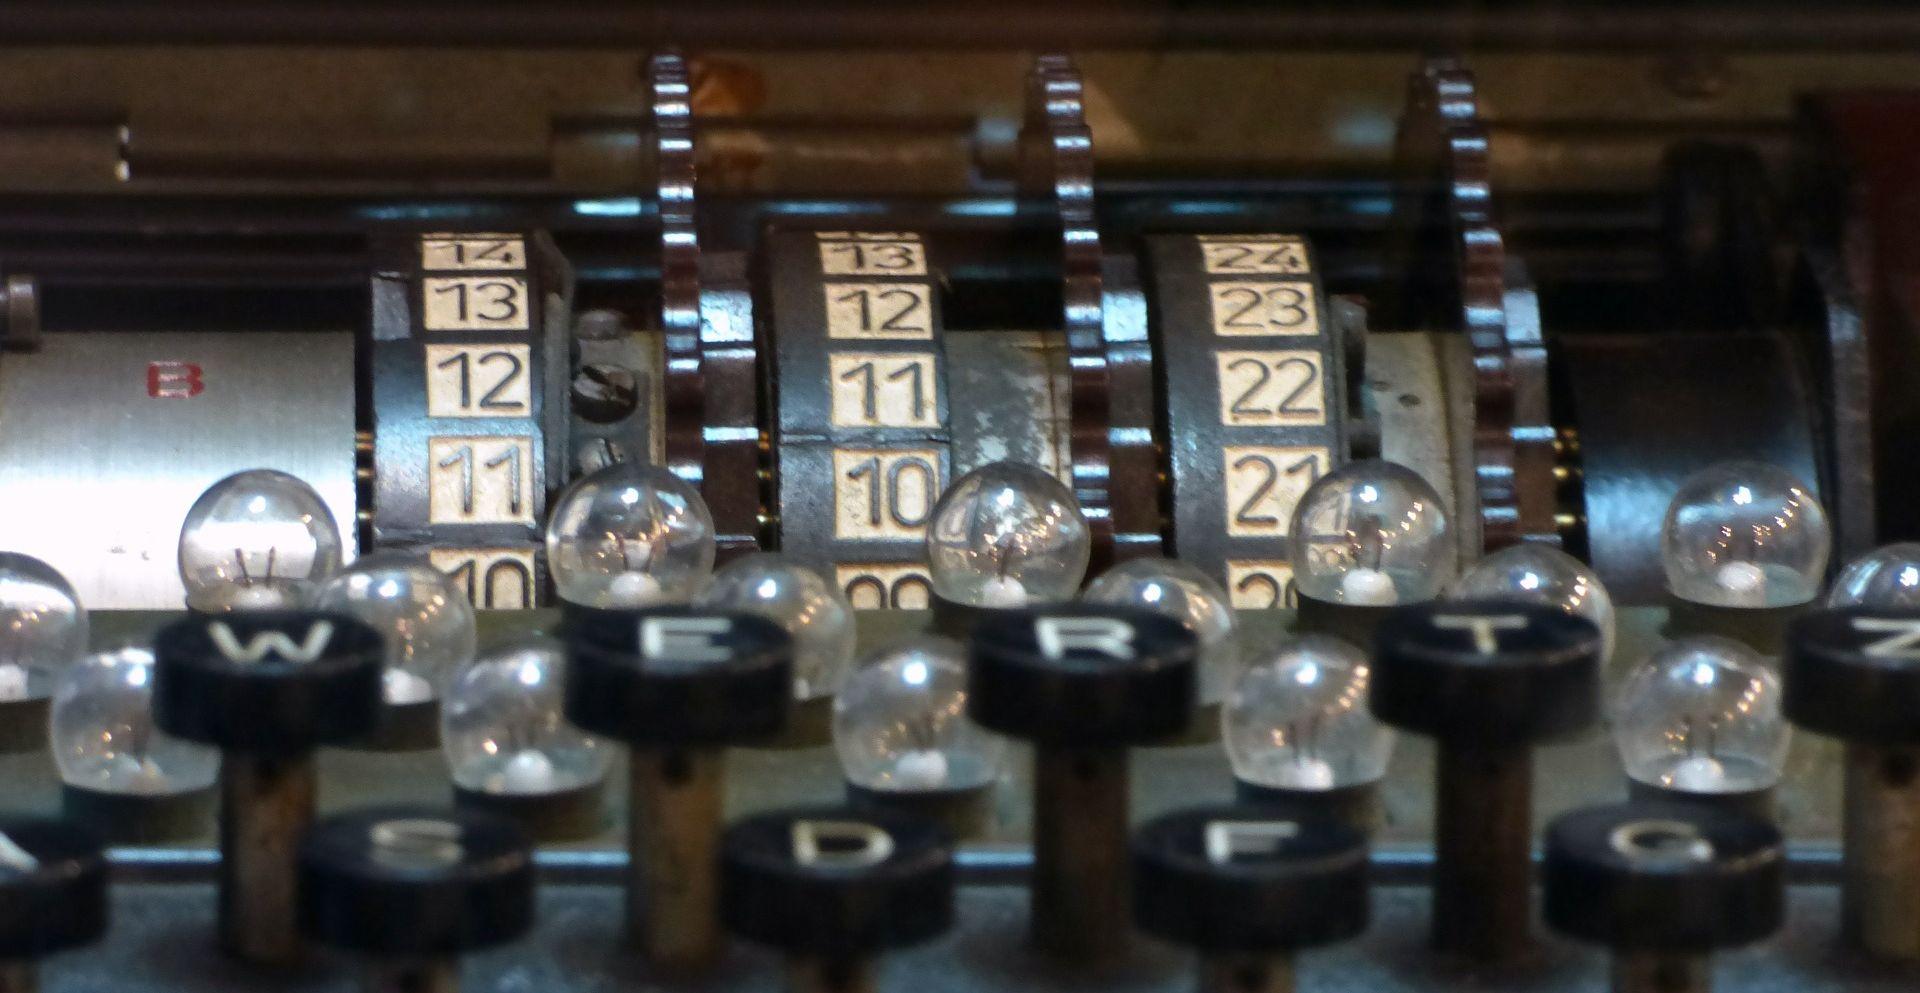 FELJTON Priča o ekscentričnom matematičaru koji je otkrio Hitlerovu tajnu